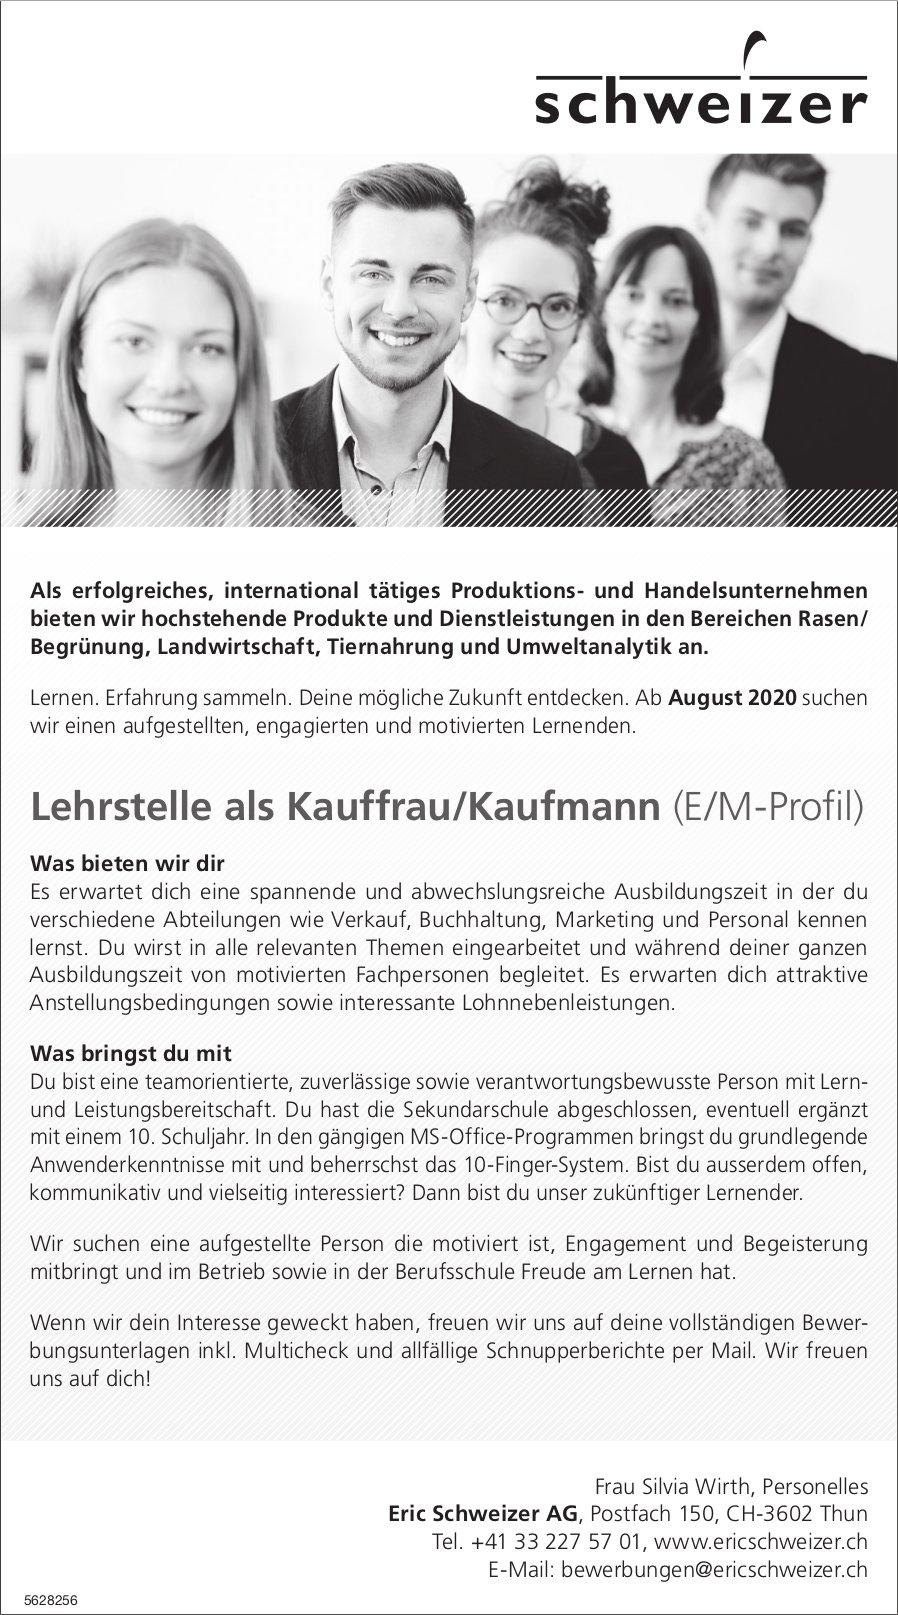 Lehrstelle als Kauffrau/Kaufmann (E/M-Profil), Eric Schweizer AG, Thun, zu vergeben